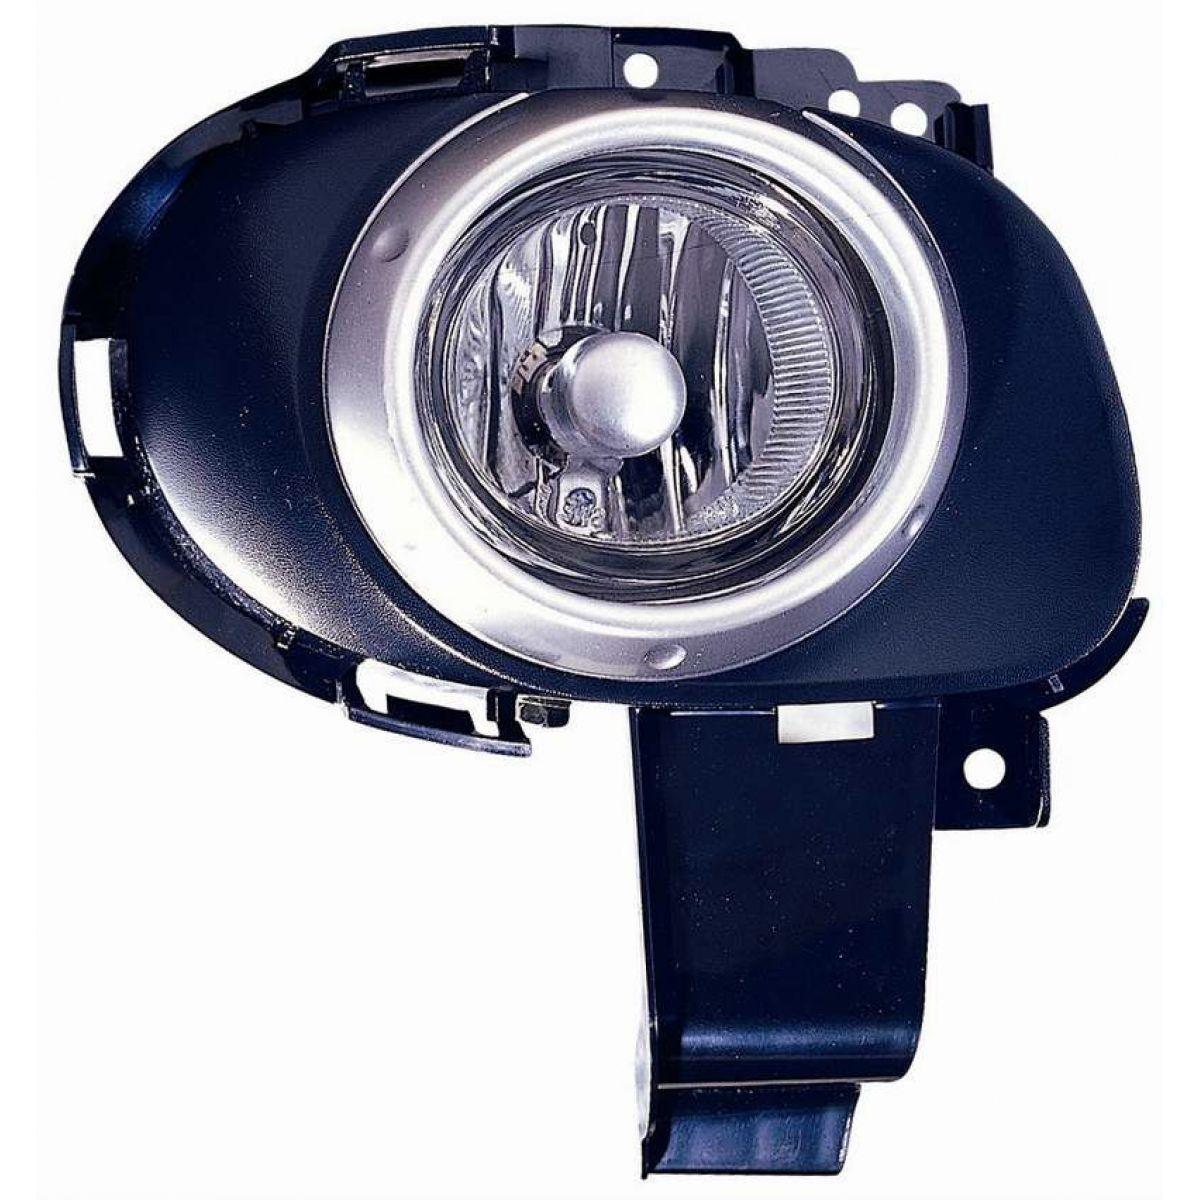 Fog Light Lamp Hole Cover RH Right Passenger Side for 04-06 Scion xB New